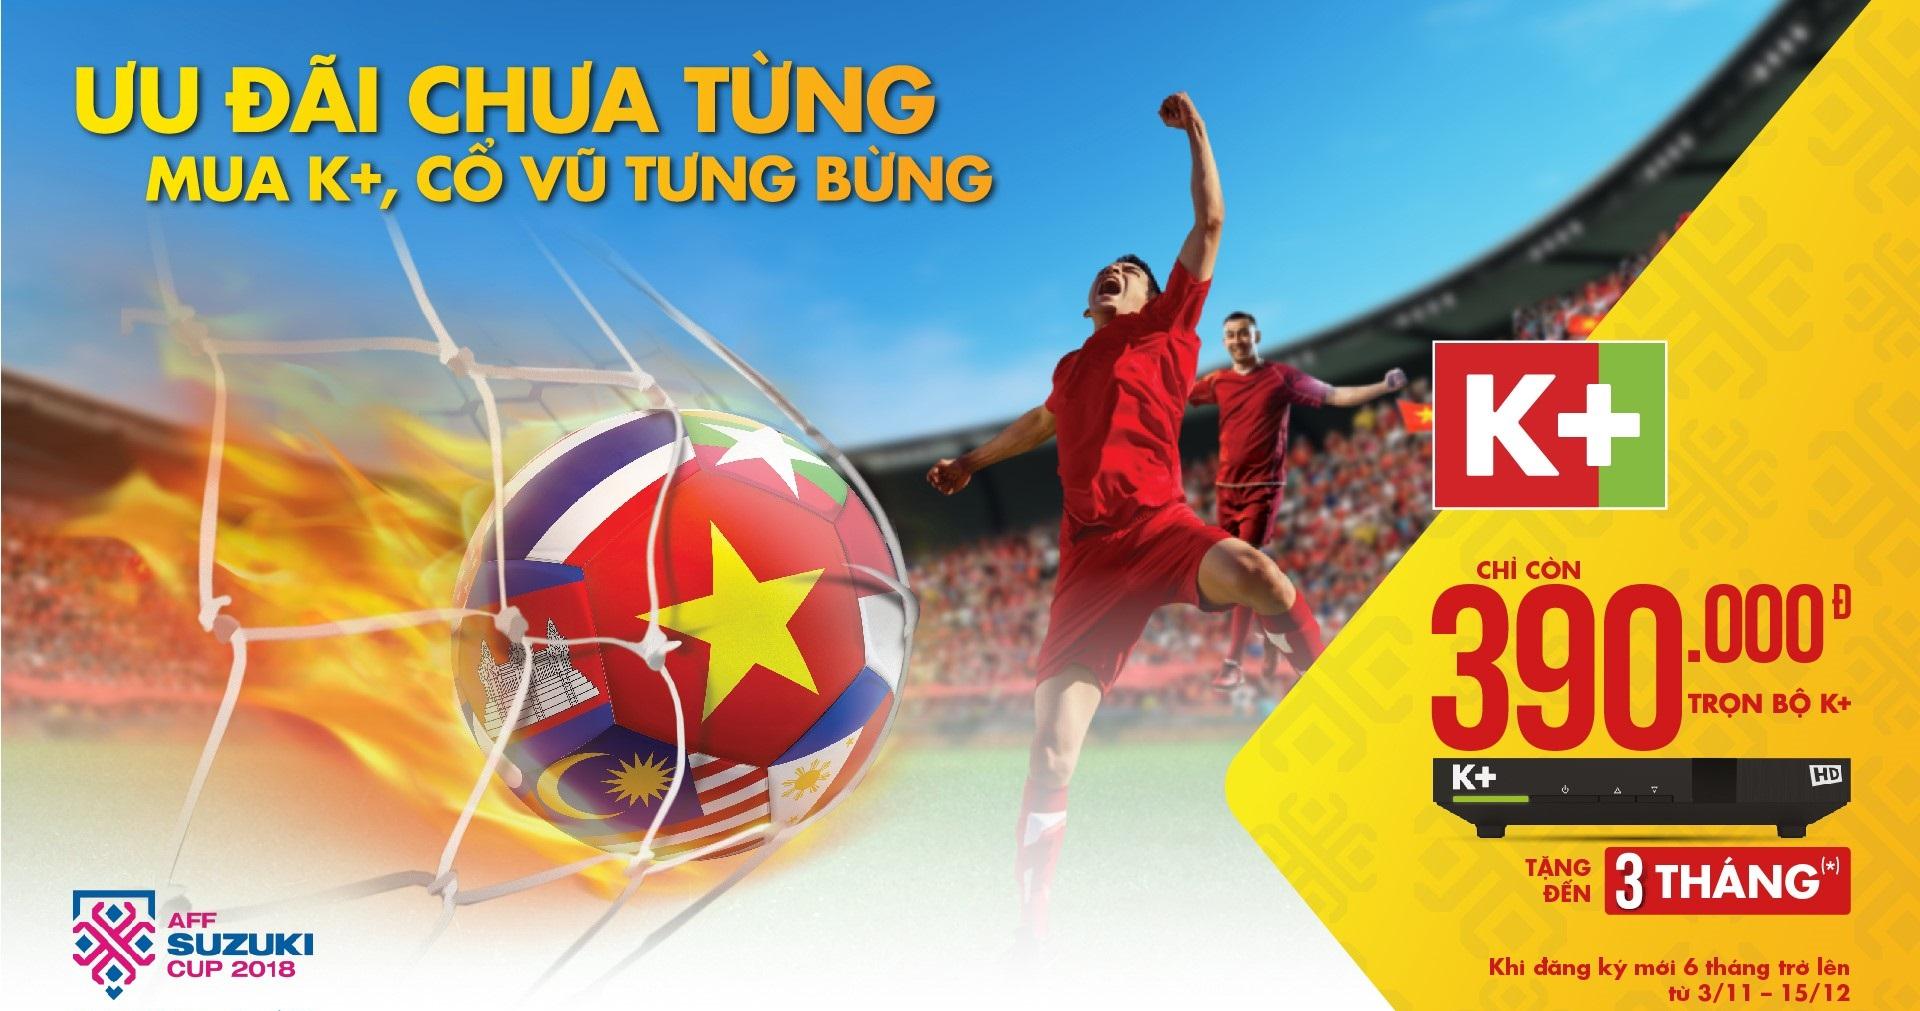 K+ Khuyễn Mãi Thuê Bao Mới Chào Đón AFF SUZUKI CUP 2018